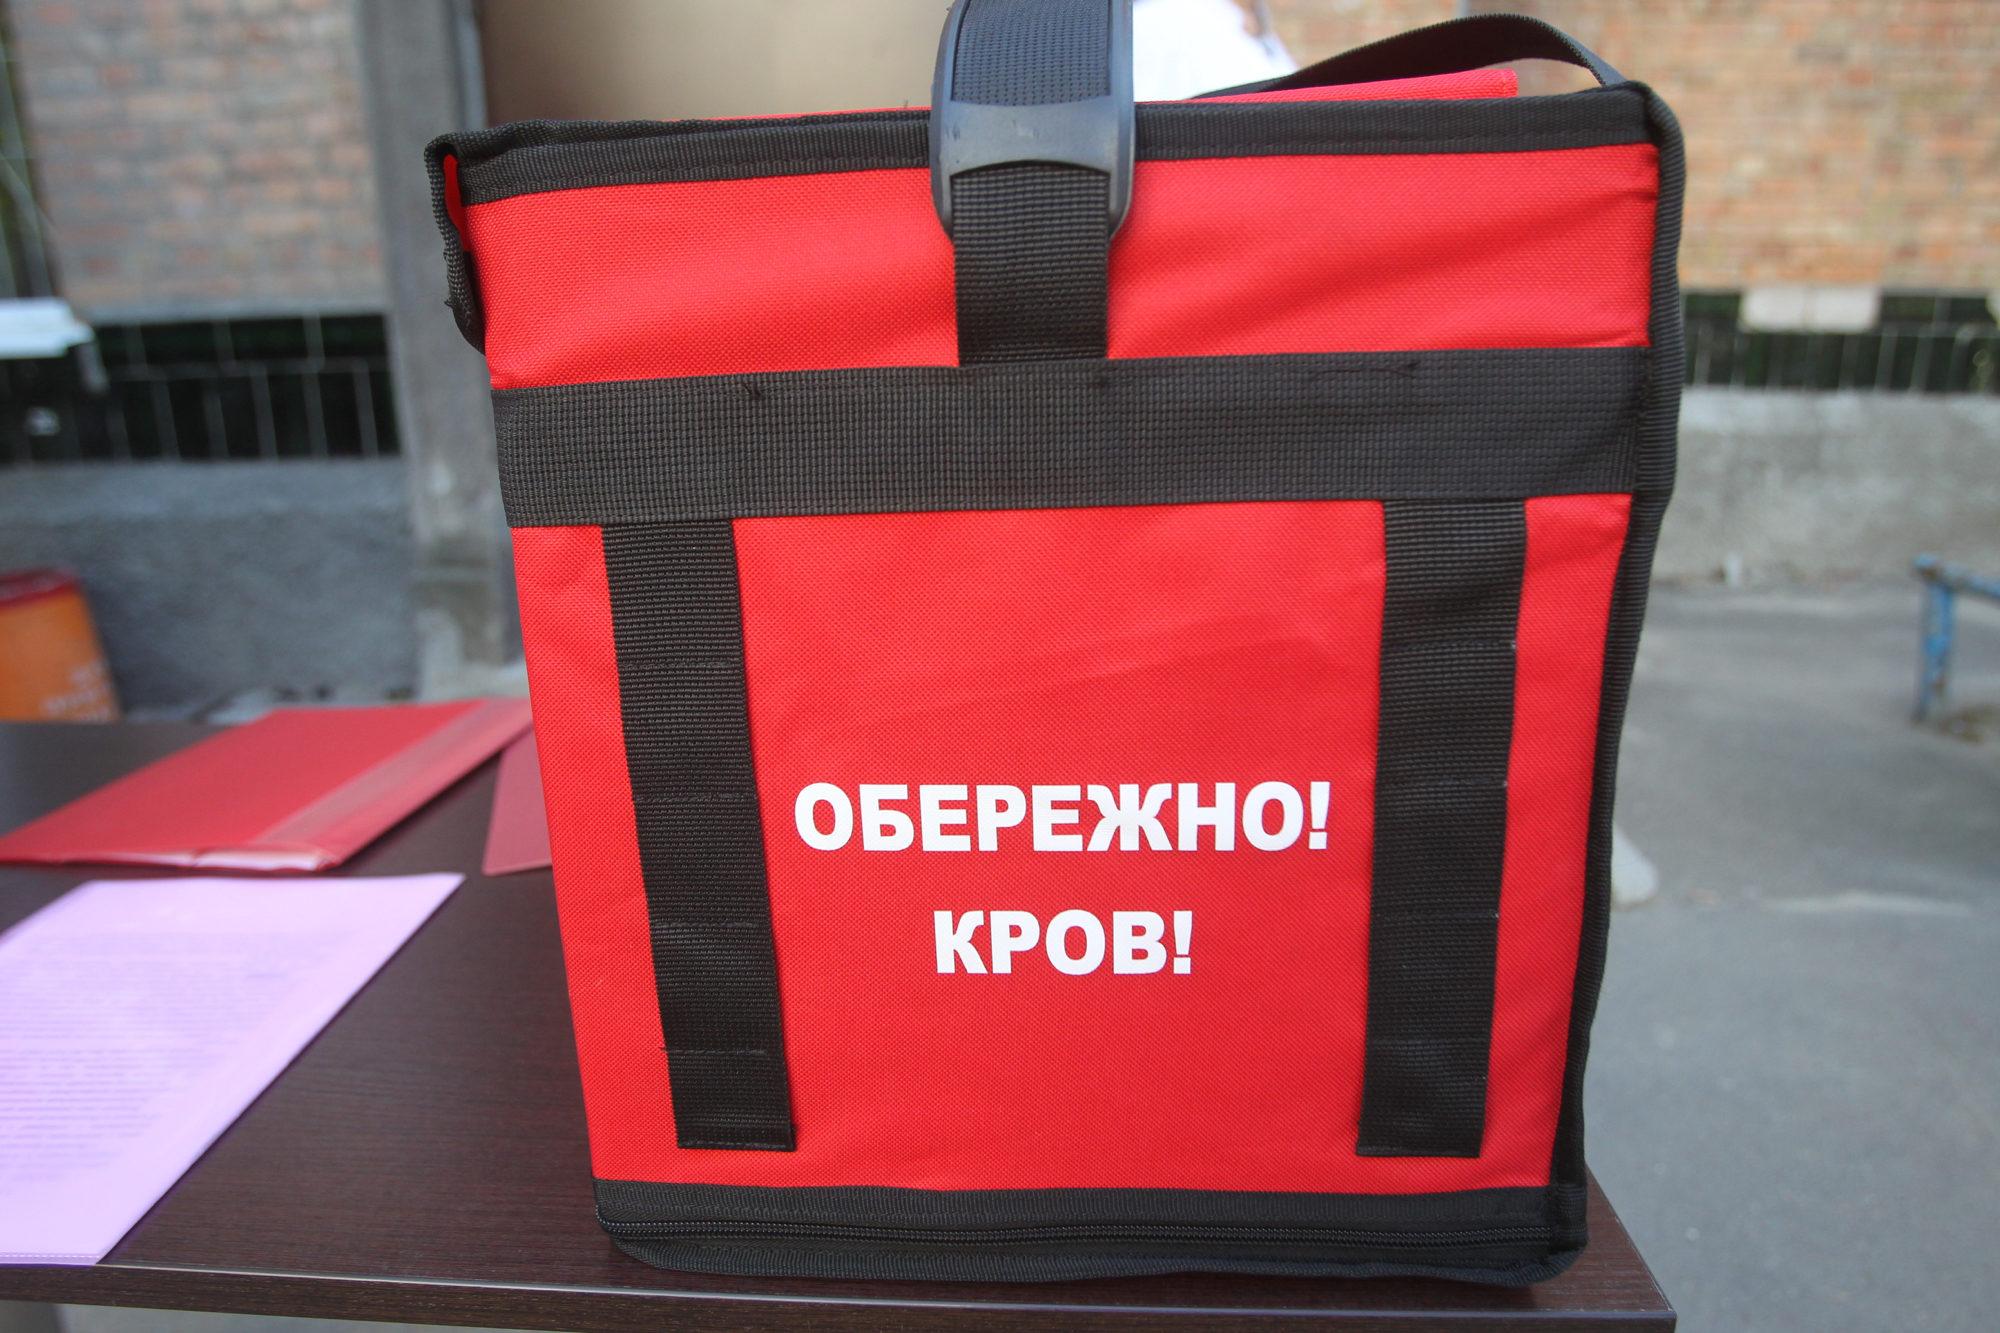 Кров до медичних закладів Києва доставлятимуть байкери